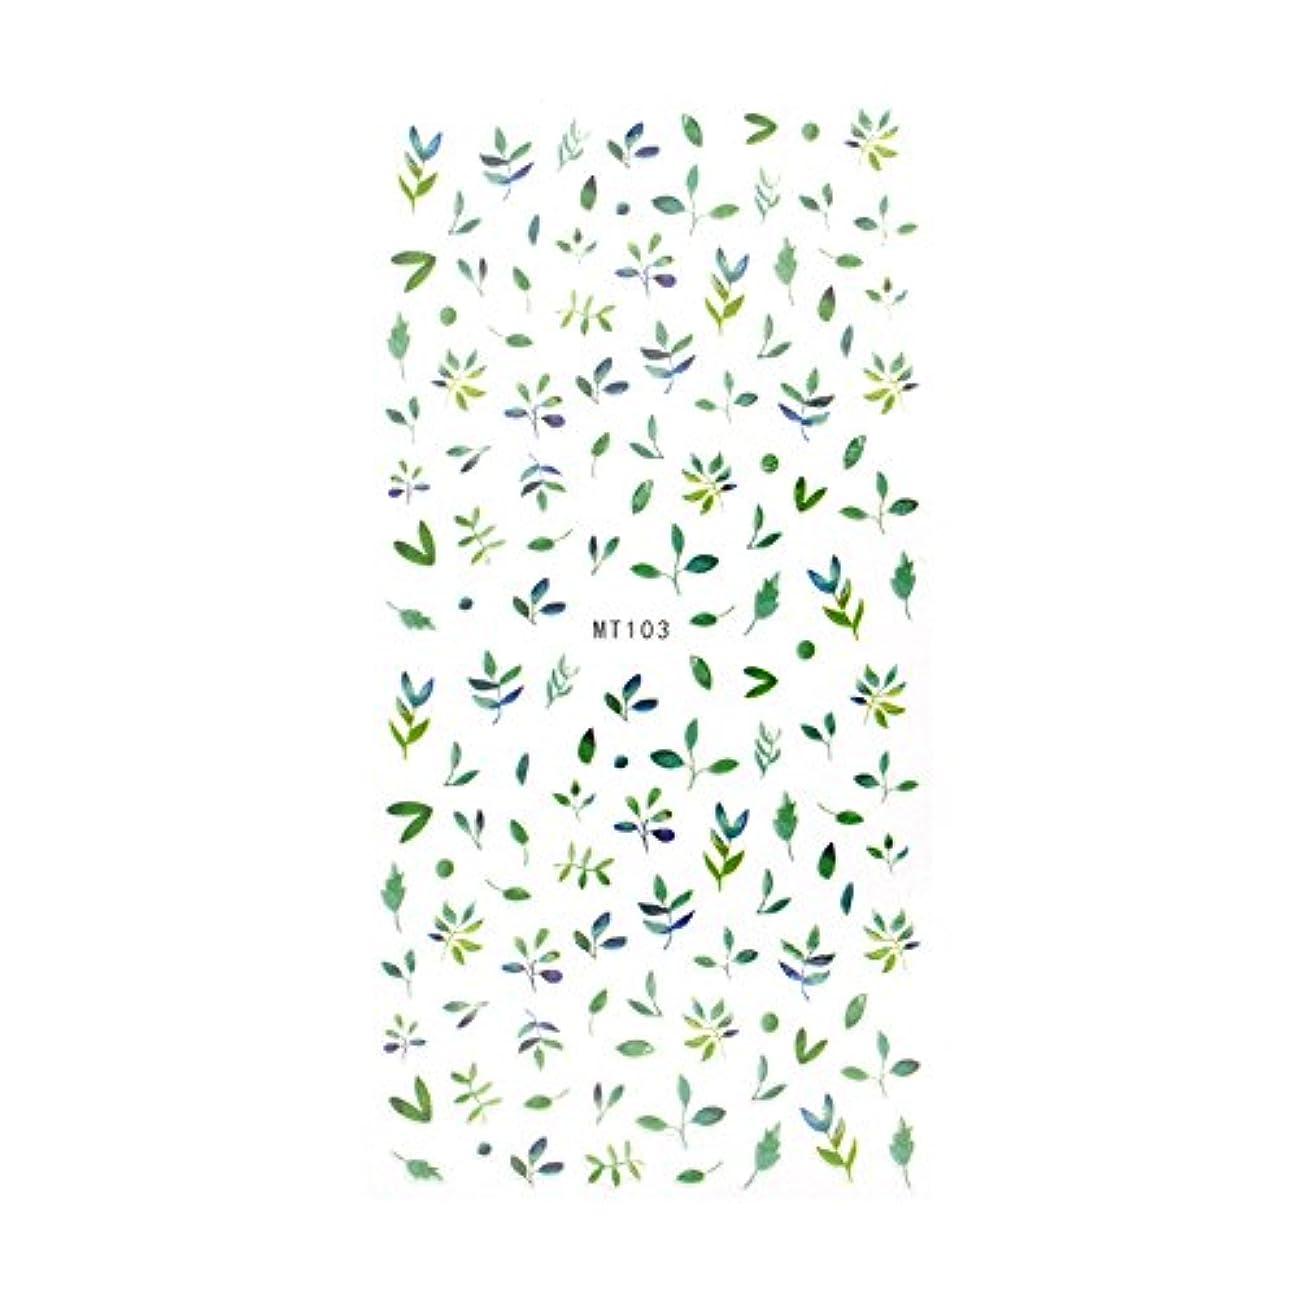 オークアーサー慢な【MT103】グリーンリーフネイルシール リーフ 葉 ジェルネイル シール 緑 植物 ボタニカル